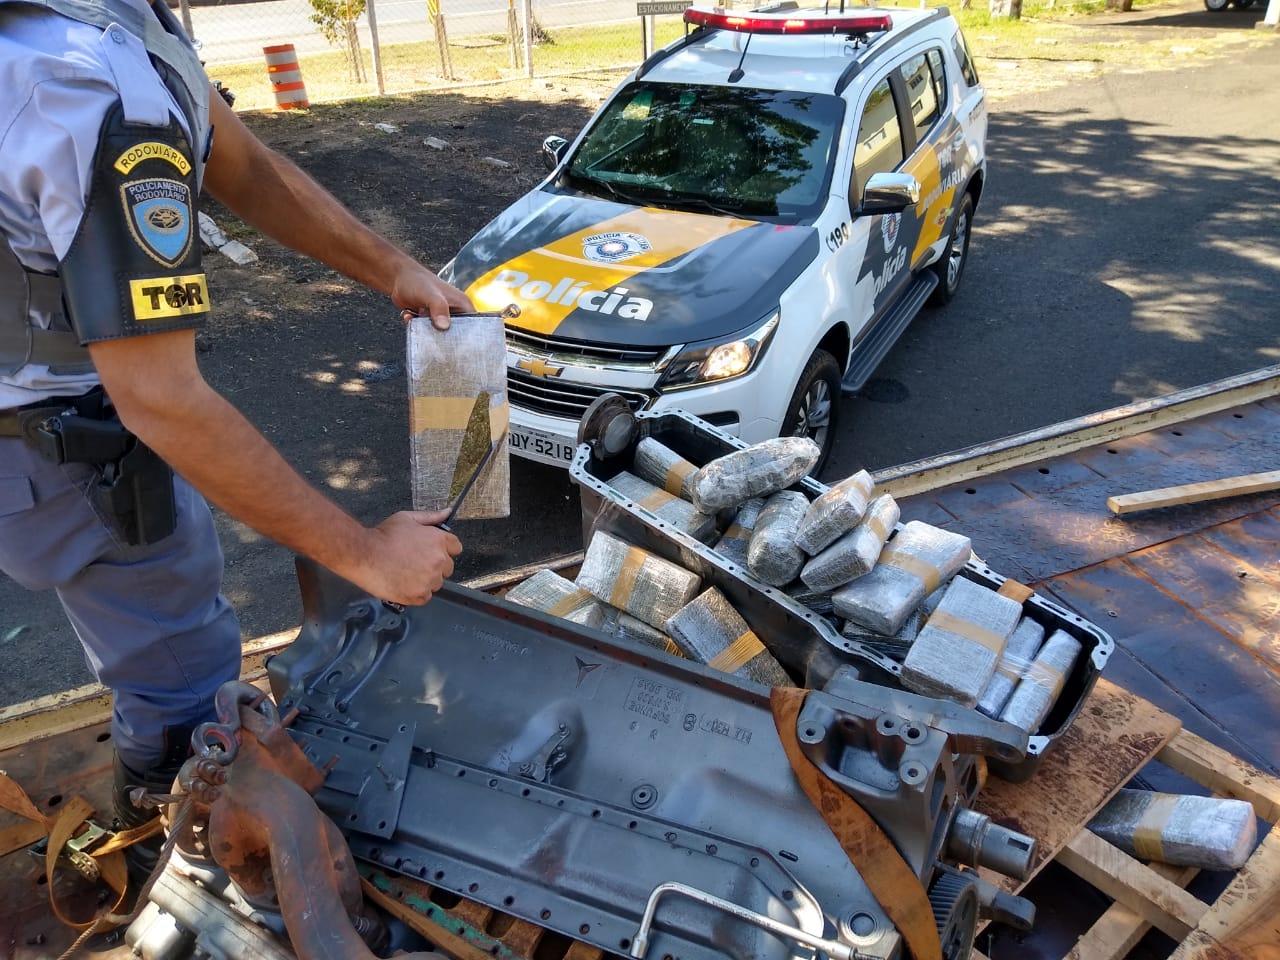 Polícia Rodoviária localiza maconha na Raposo Tavares em Assis — Foto: Polícia Rodoviária/Divulgação